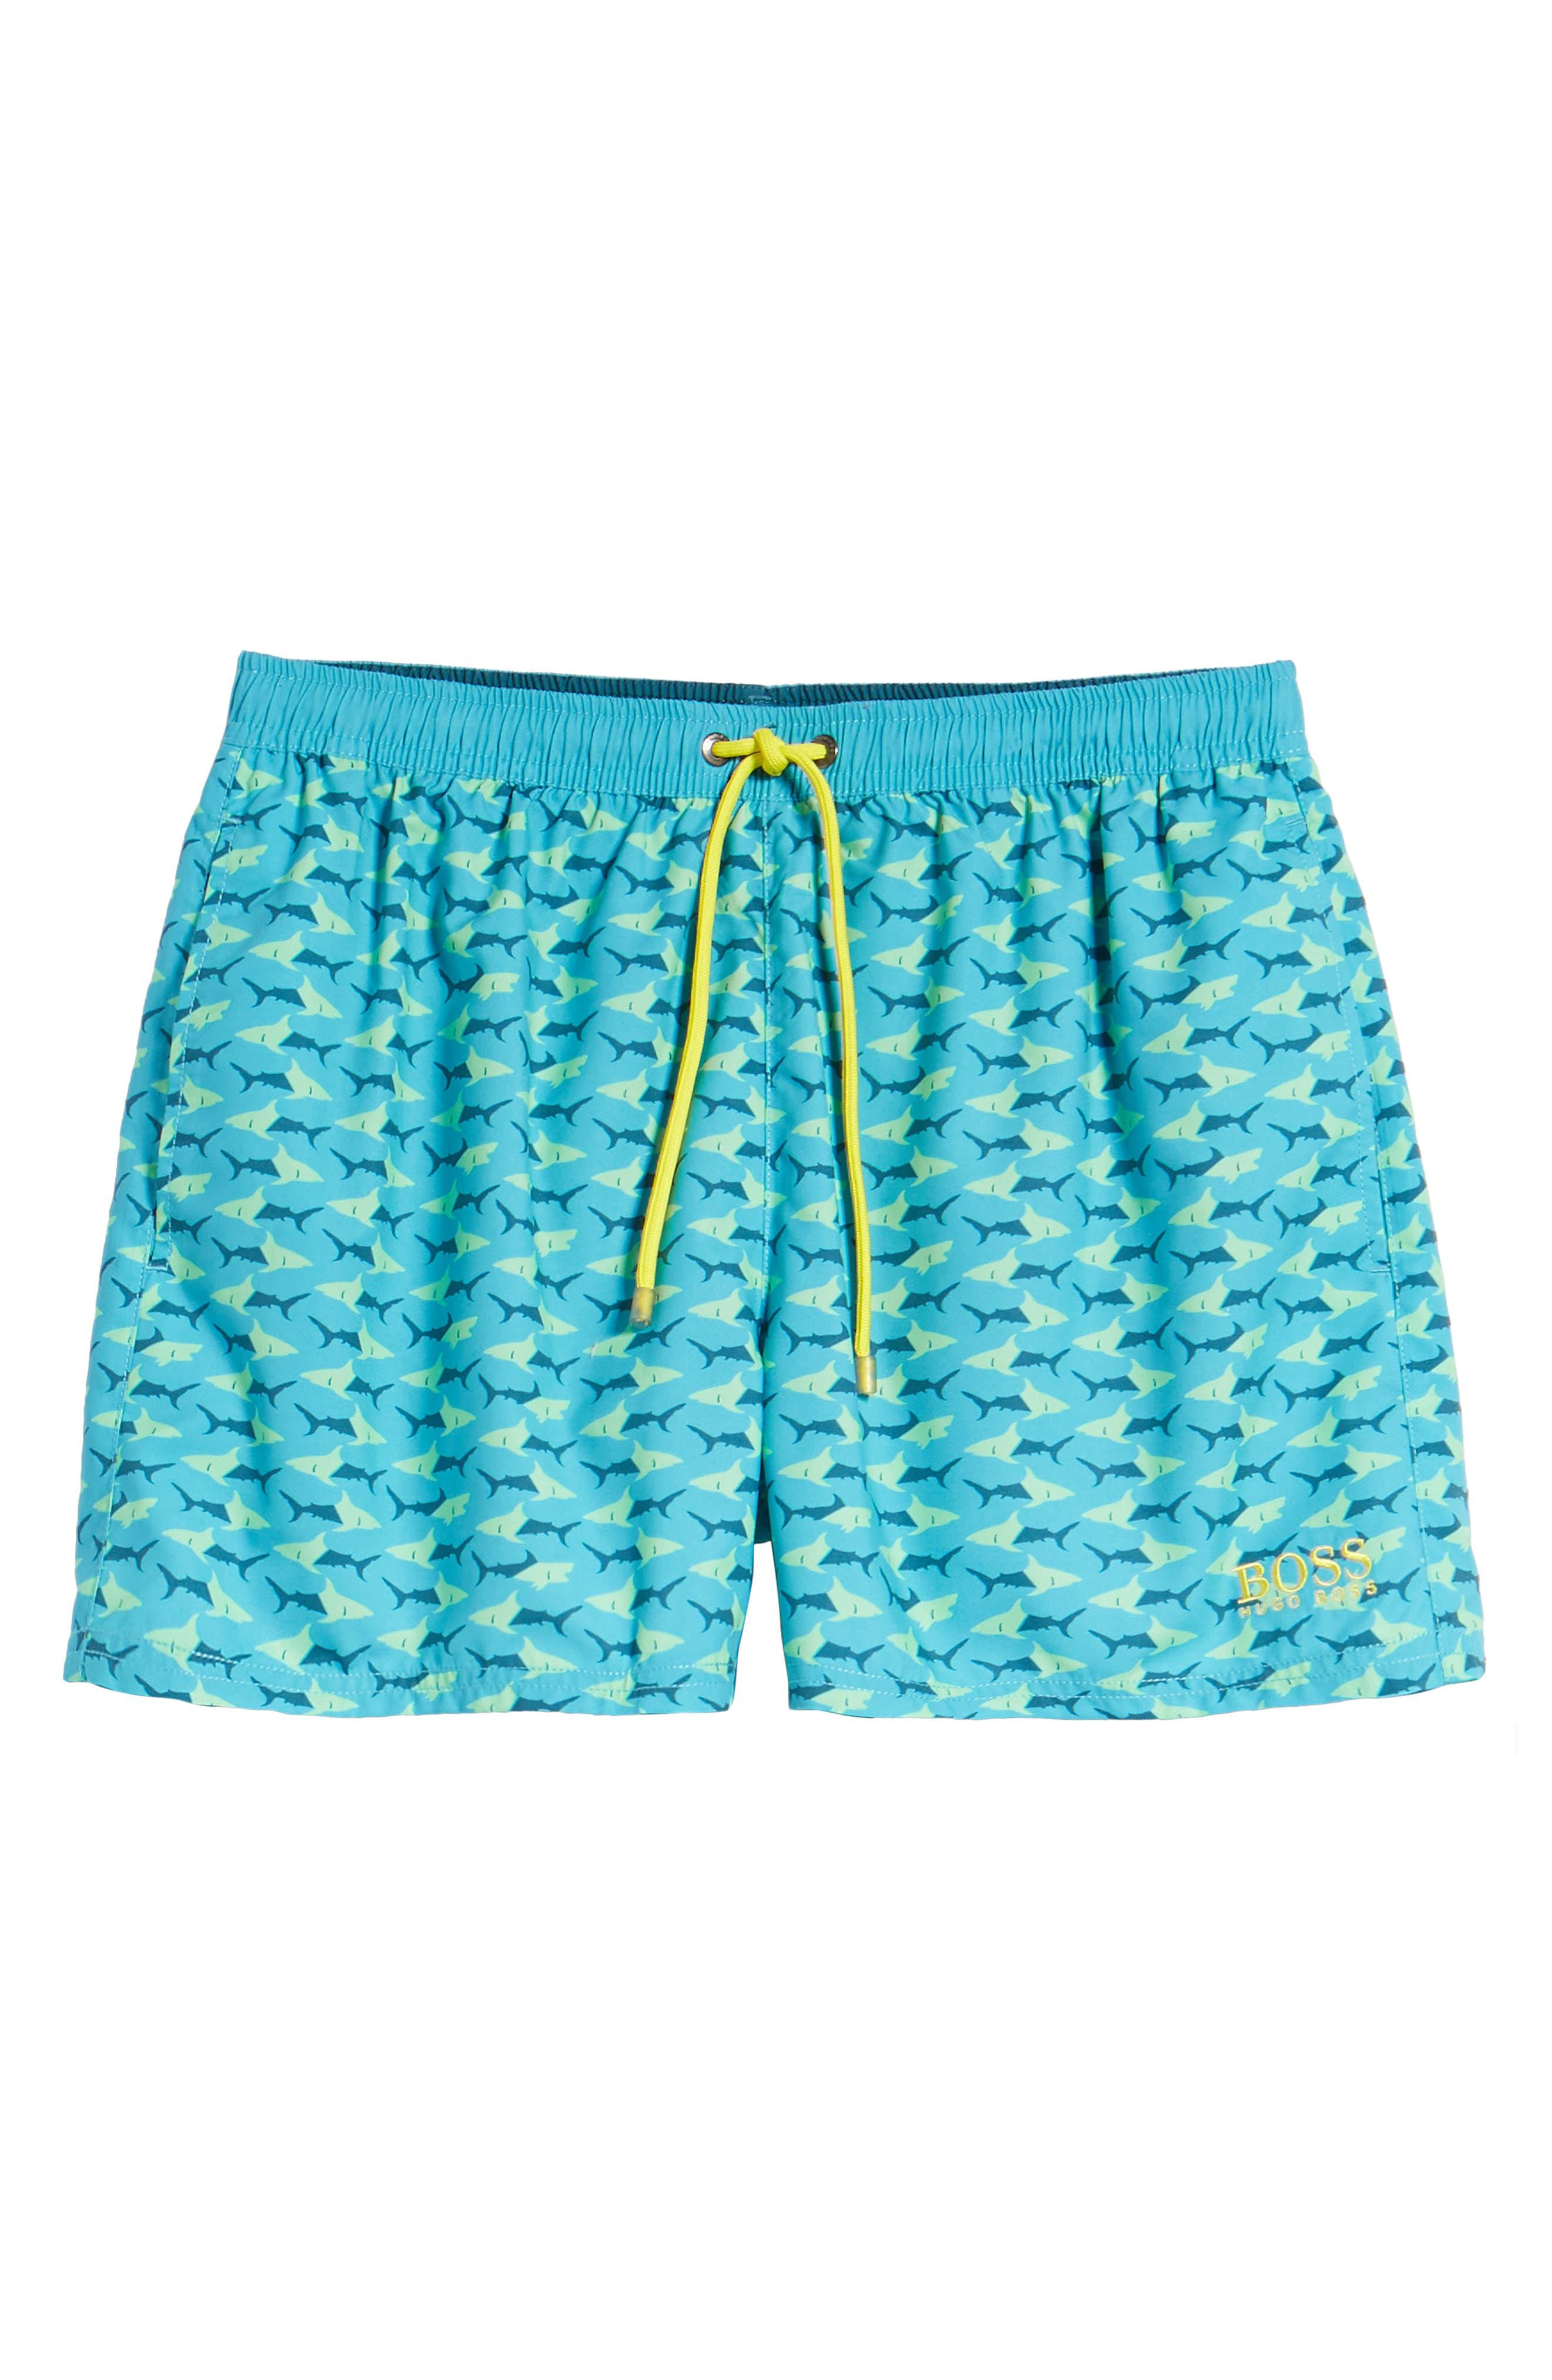 Piranha Shark Swim Trunks,                             Alternate thumbnail 6, color,                             Blue